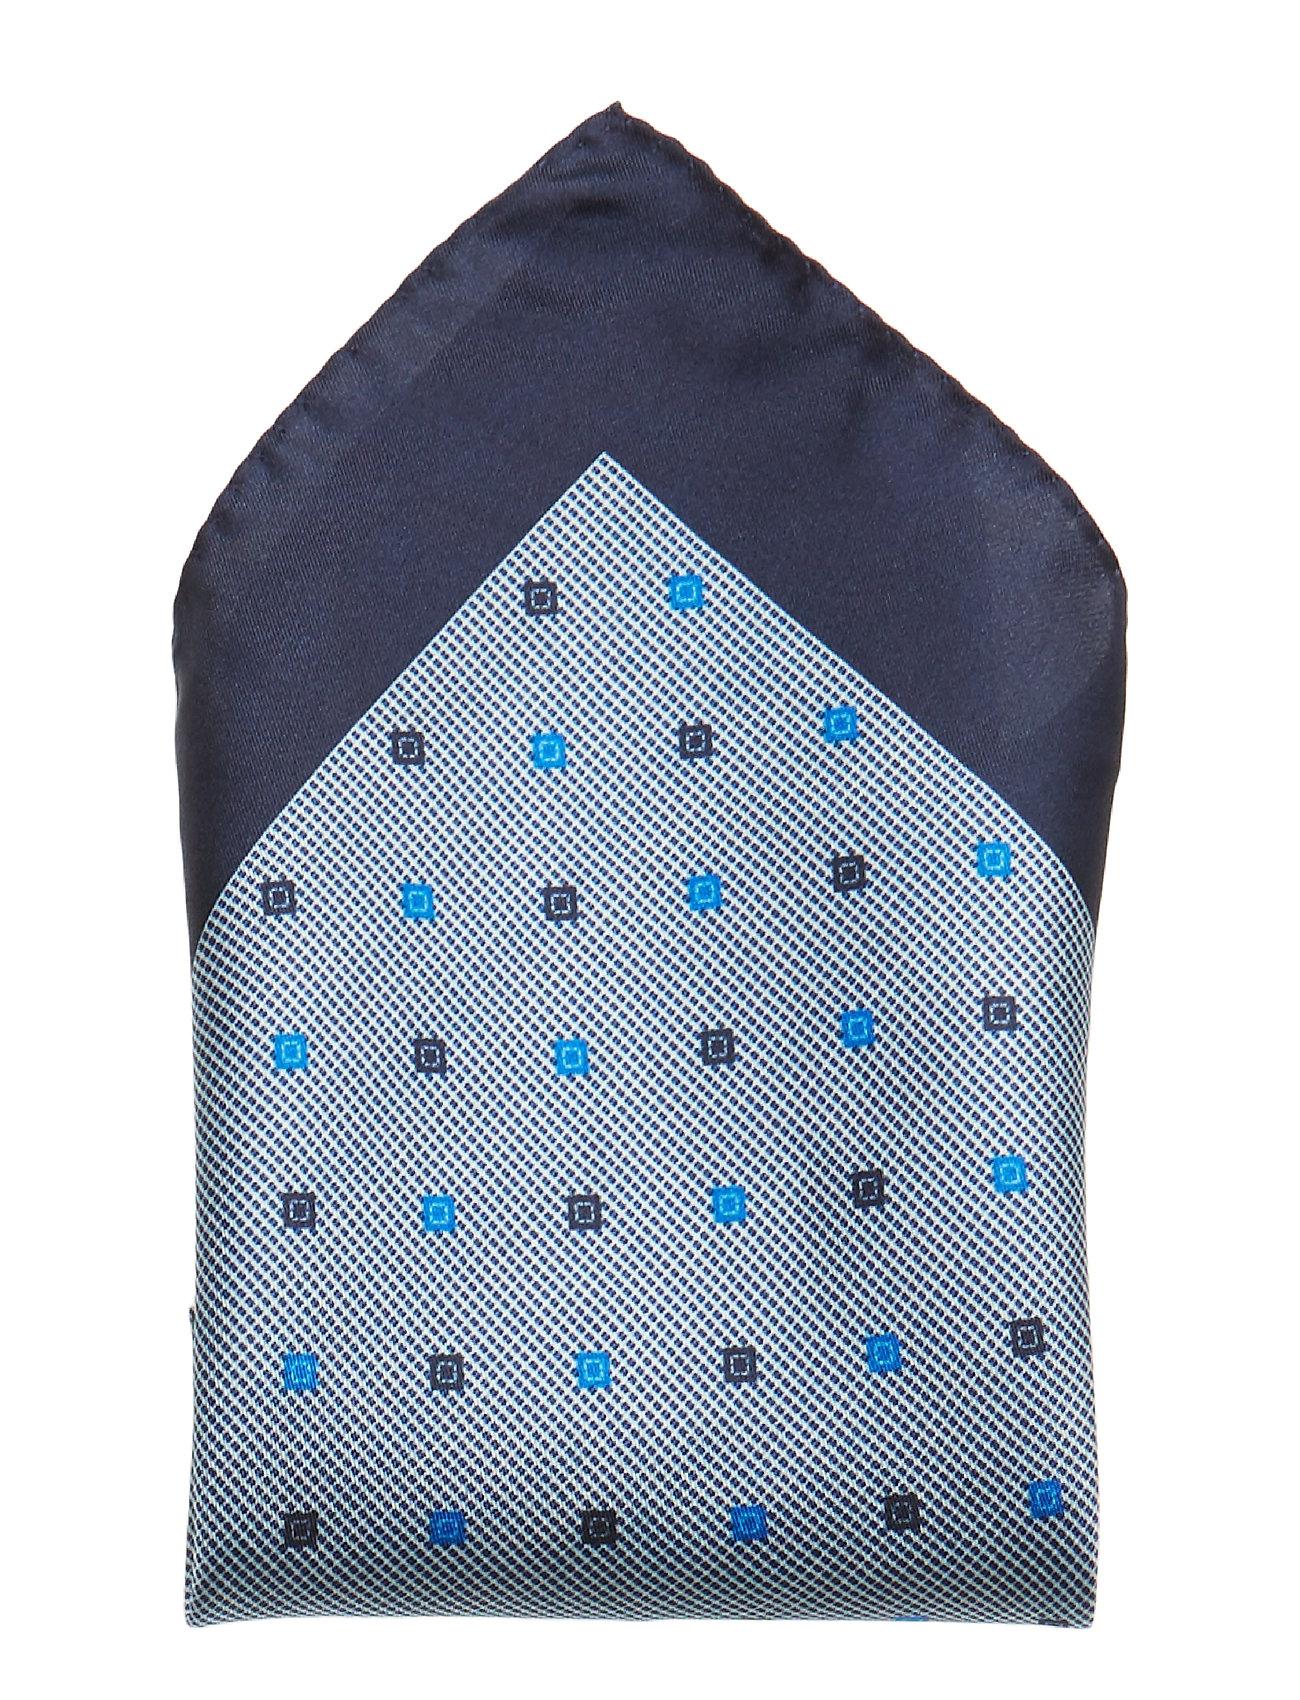 P.Sq. Cm33x33 Rolled Brystlommetørklæde Blå BOSS BUSINESS WEAR